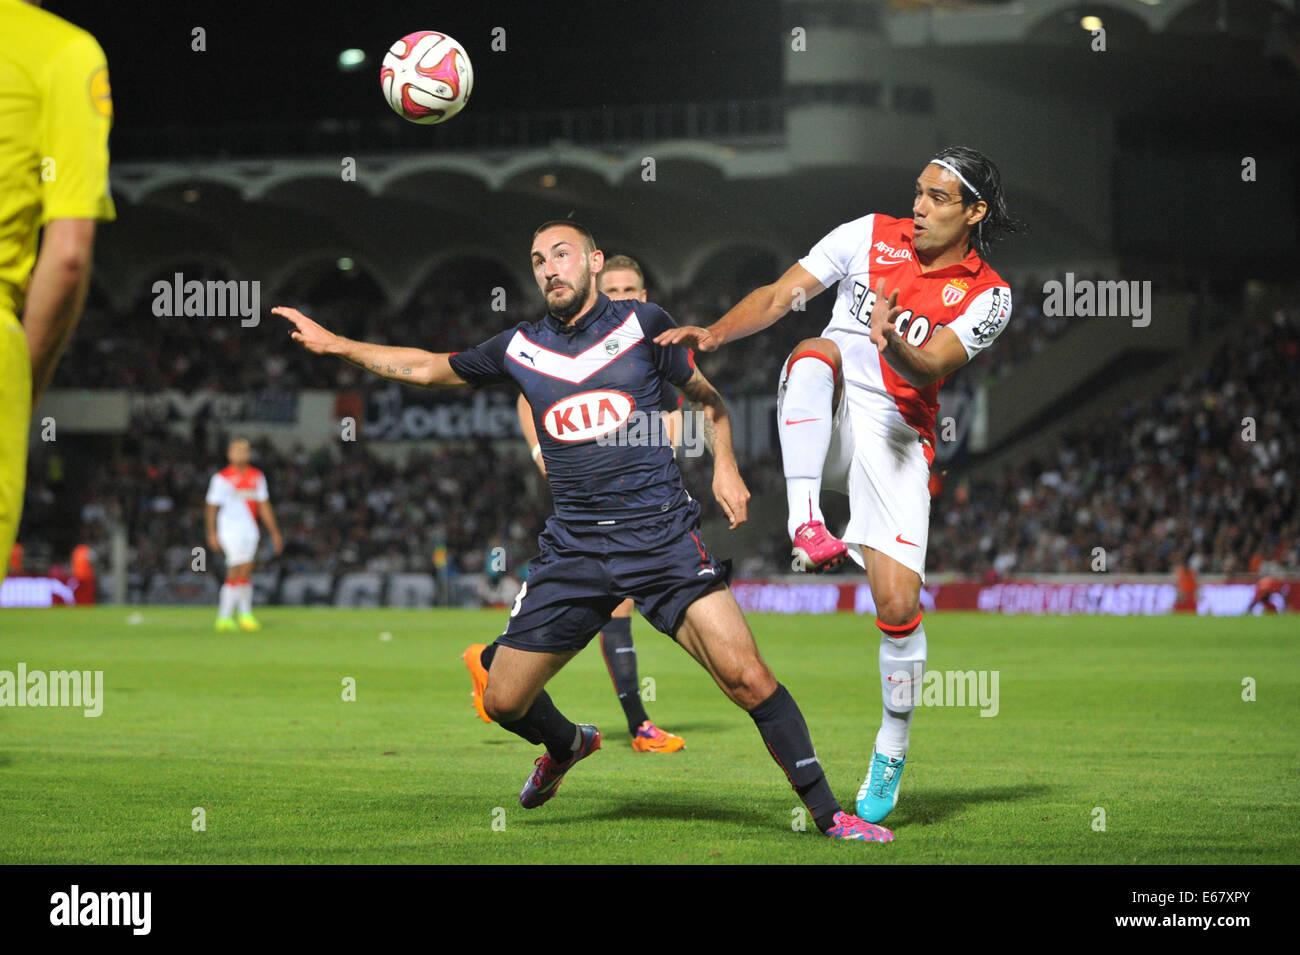 Bordeaux, Francia. 17 Ago, 2014. French League calcio 1. Bordeaux rispetto a Monaco. DIEGO CONTENTO vince la sfida Immagini Stock